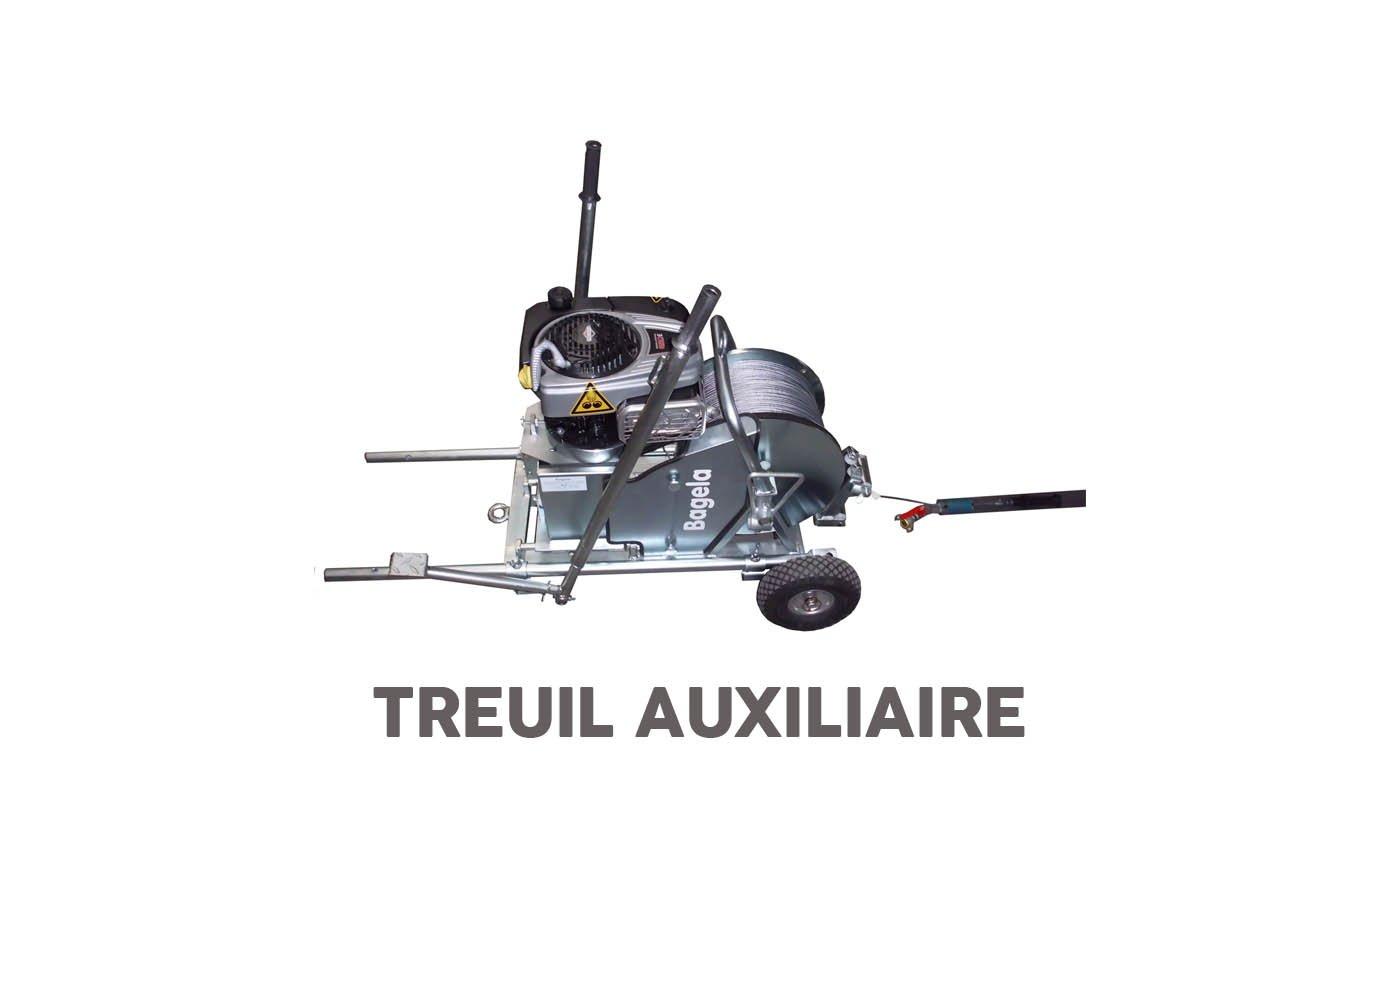 Treuil pour aiguillage treuil auxiliaire bagela - RDS France, spécialiste du matériel TP